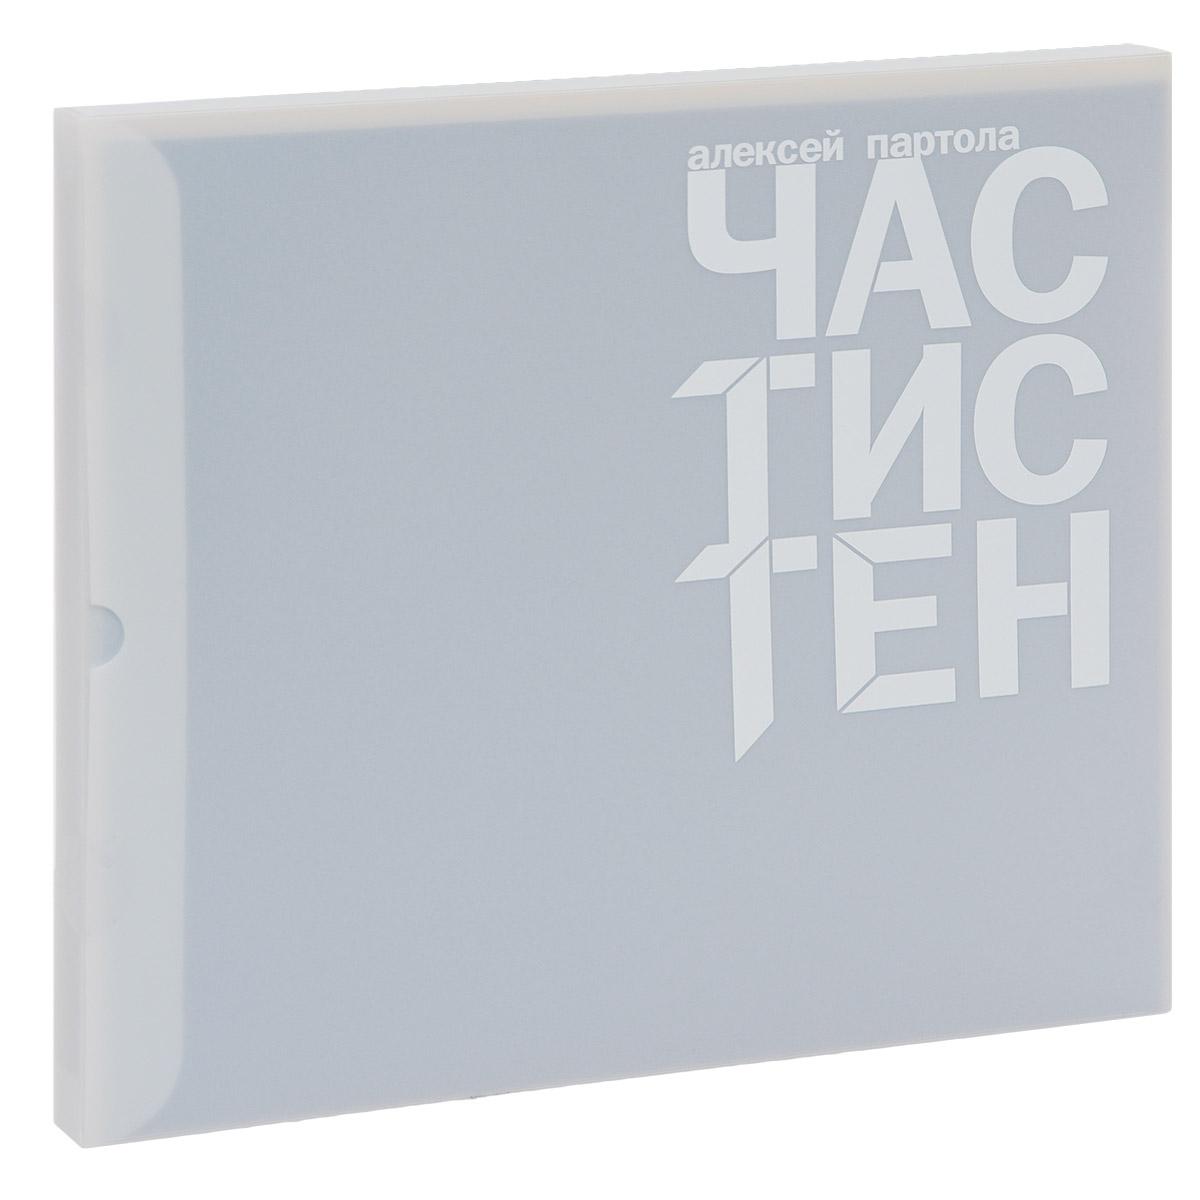 Части стен. Художественный альбом / Wall Elements: Album